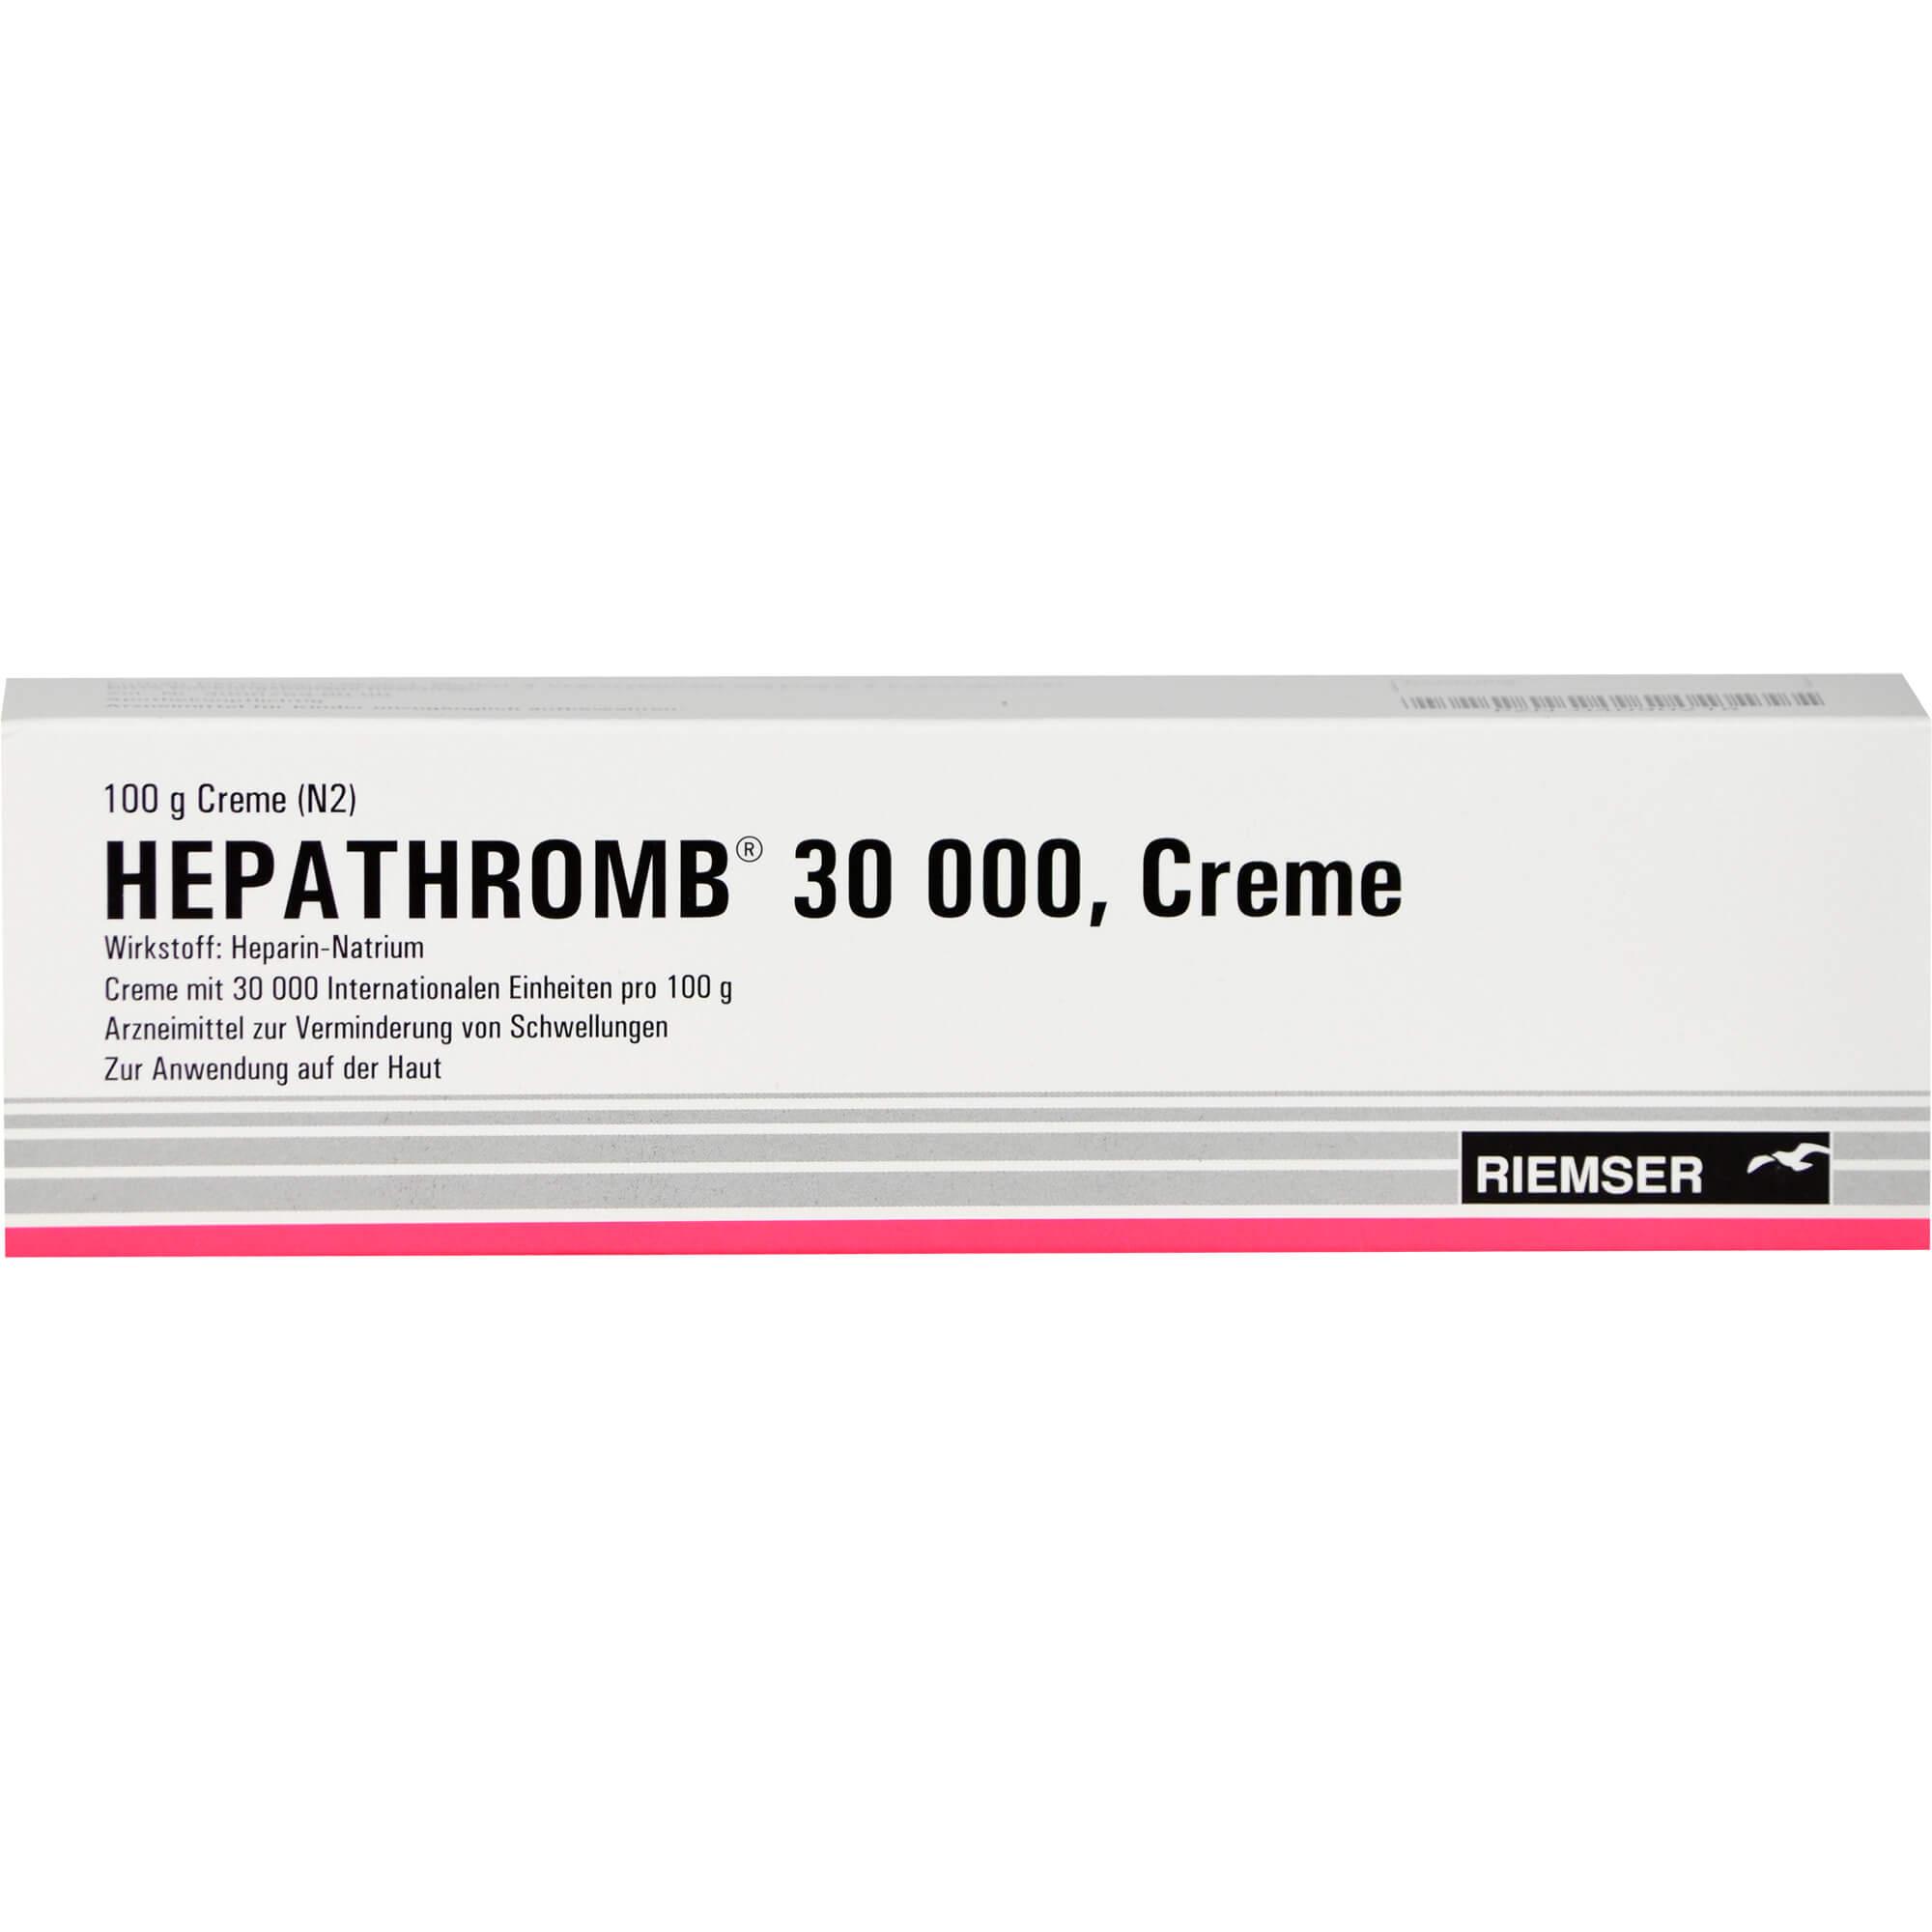 HEPATHROMB-Creme-30-000